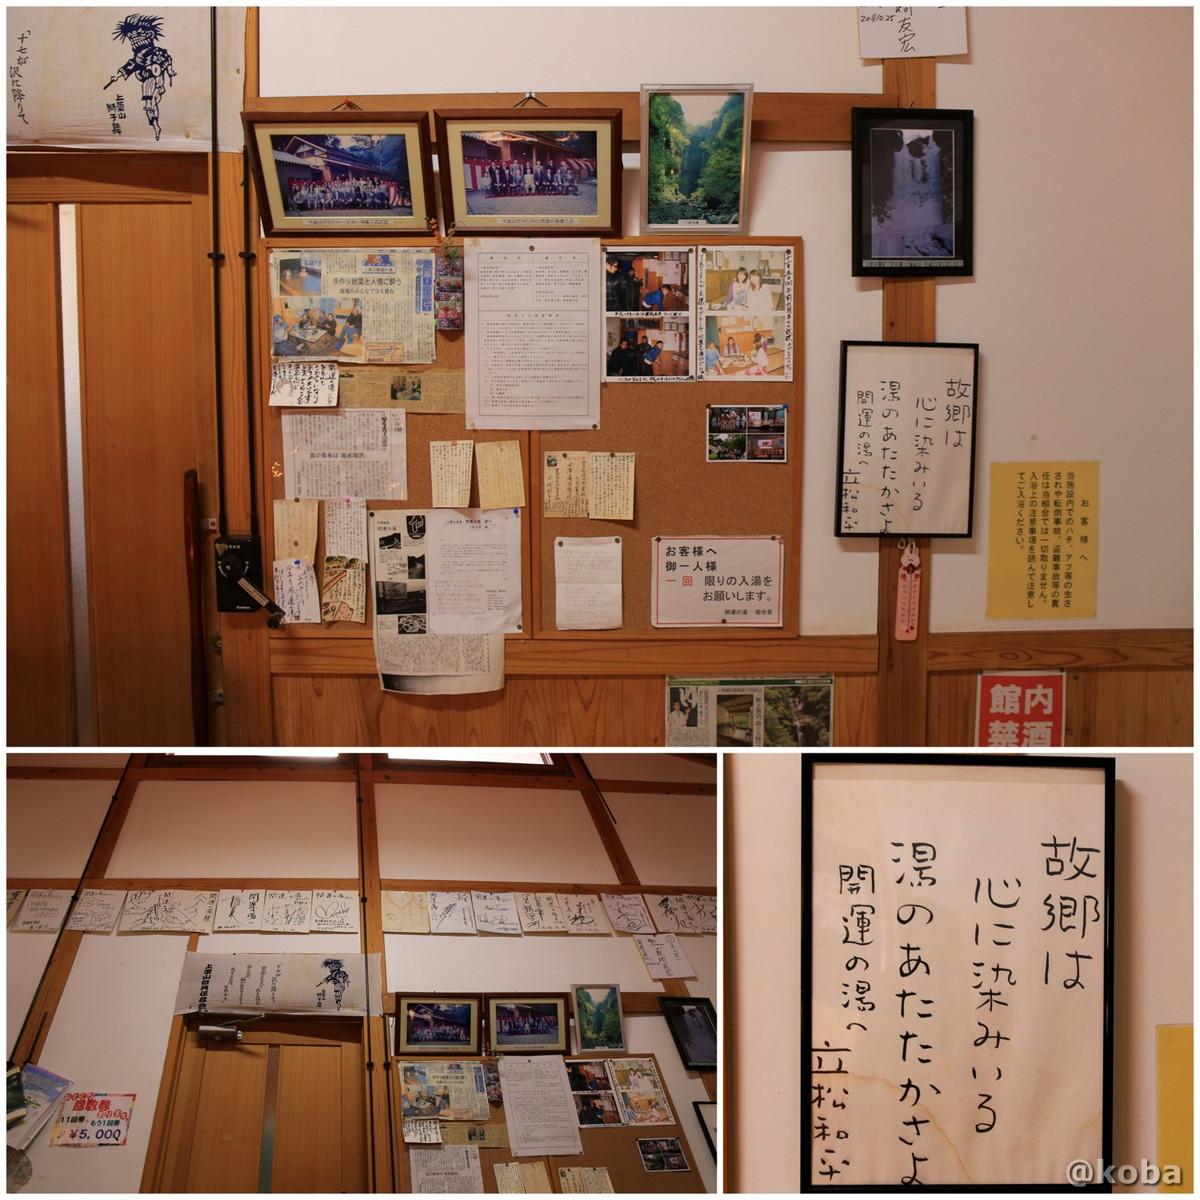 内観の写真 開運の湯(かいうんのゆ)日帰り入浴 栃木 日光 ブログ